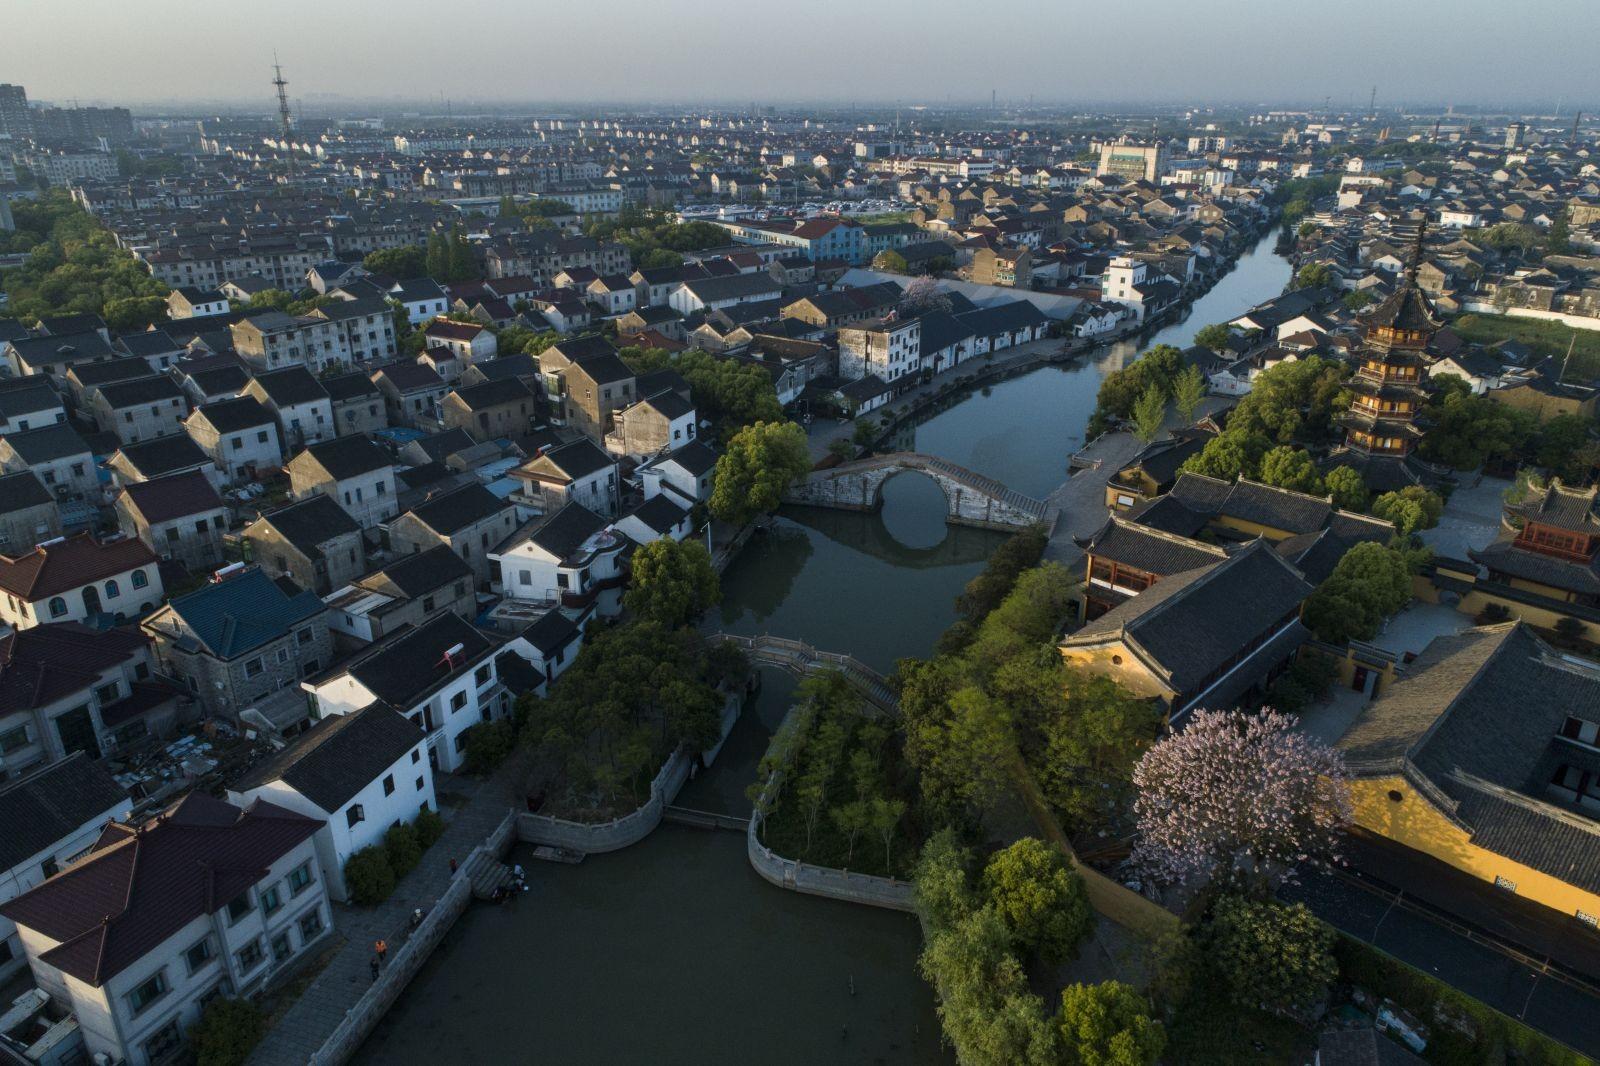 Vue du ciel, la petite ville d'eau de Zhenze, dans la province du Jiangsu. ©Zhenze Tourism Culture Development Co., Ltd.